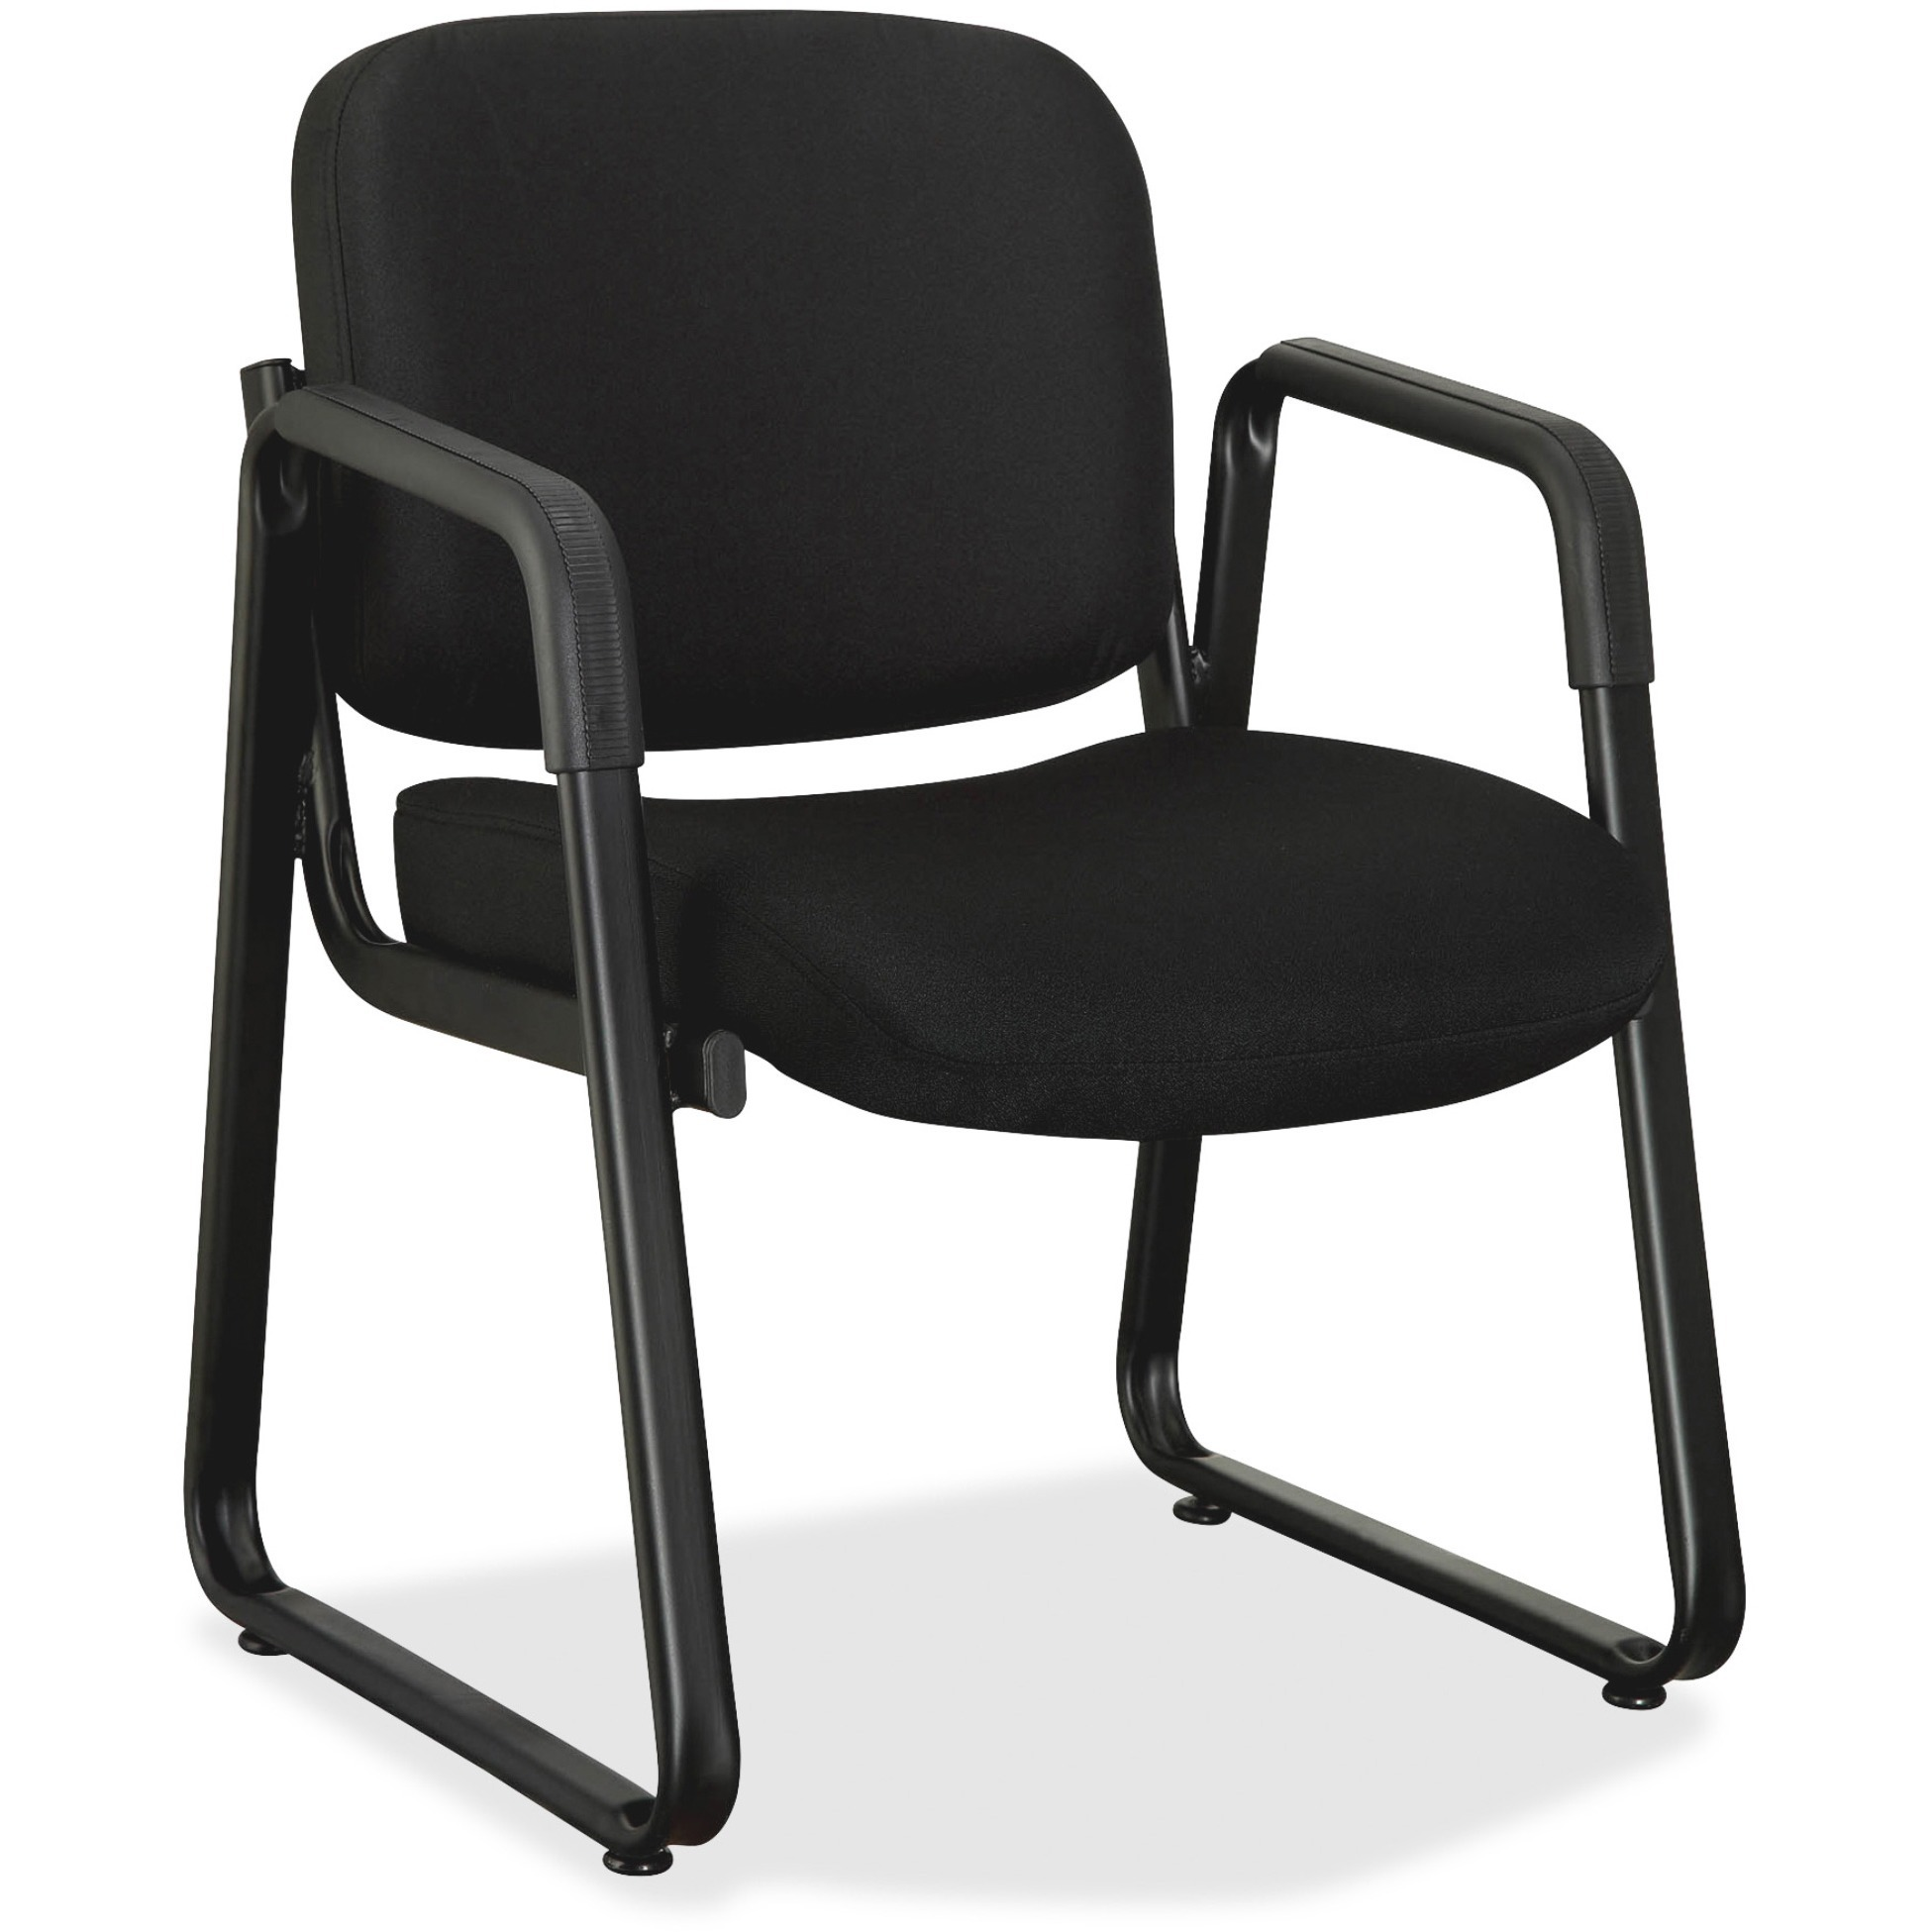 Lorell, LLR84576, Black Fabric Guest Chair, 1 Each, Black